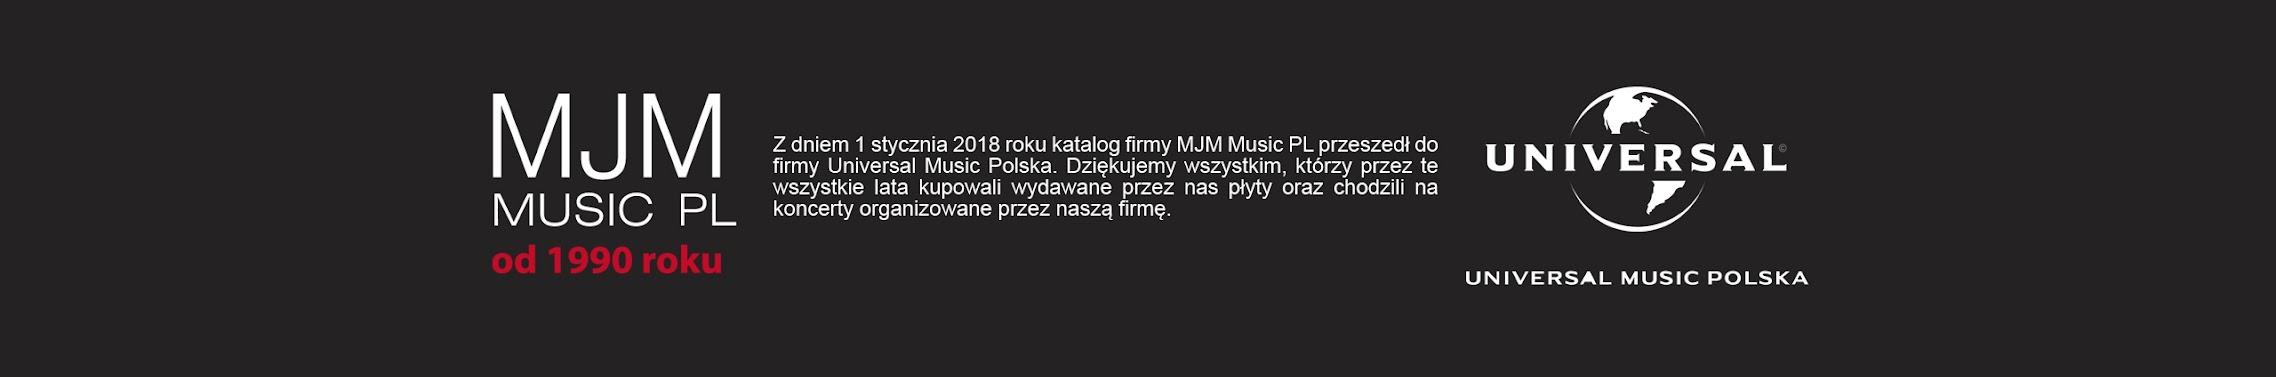 MJM Music PL